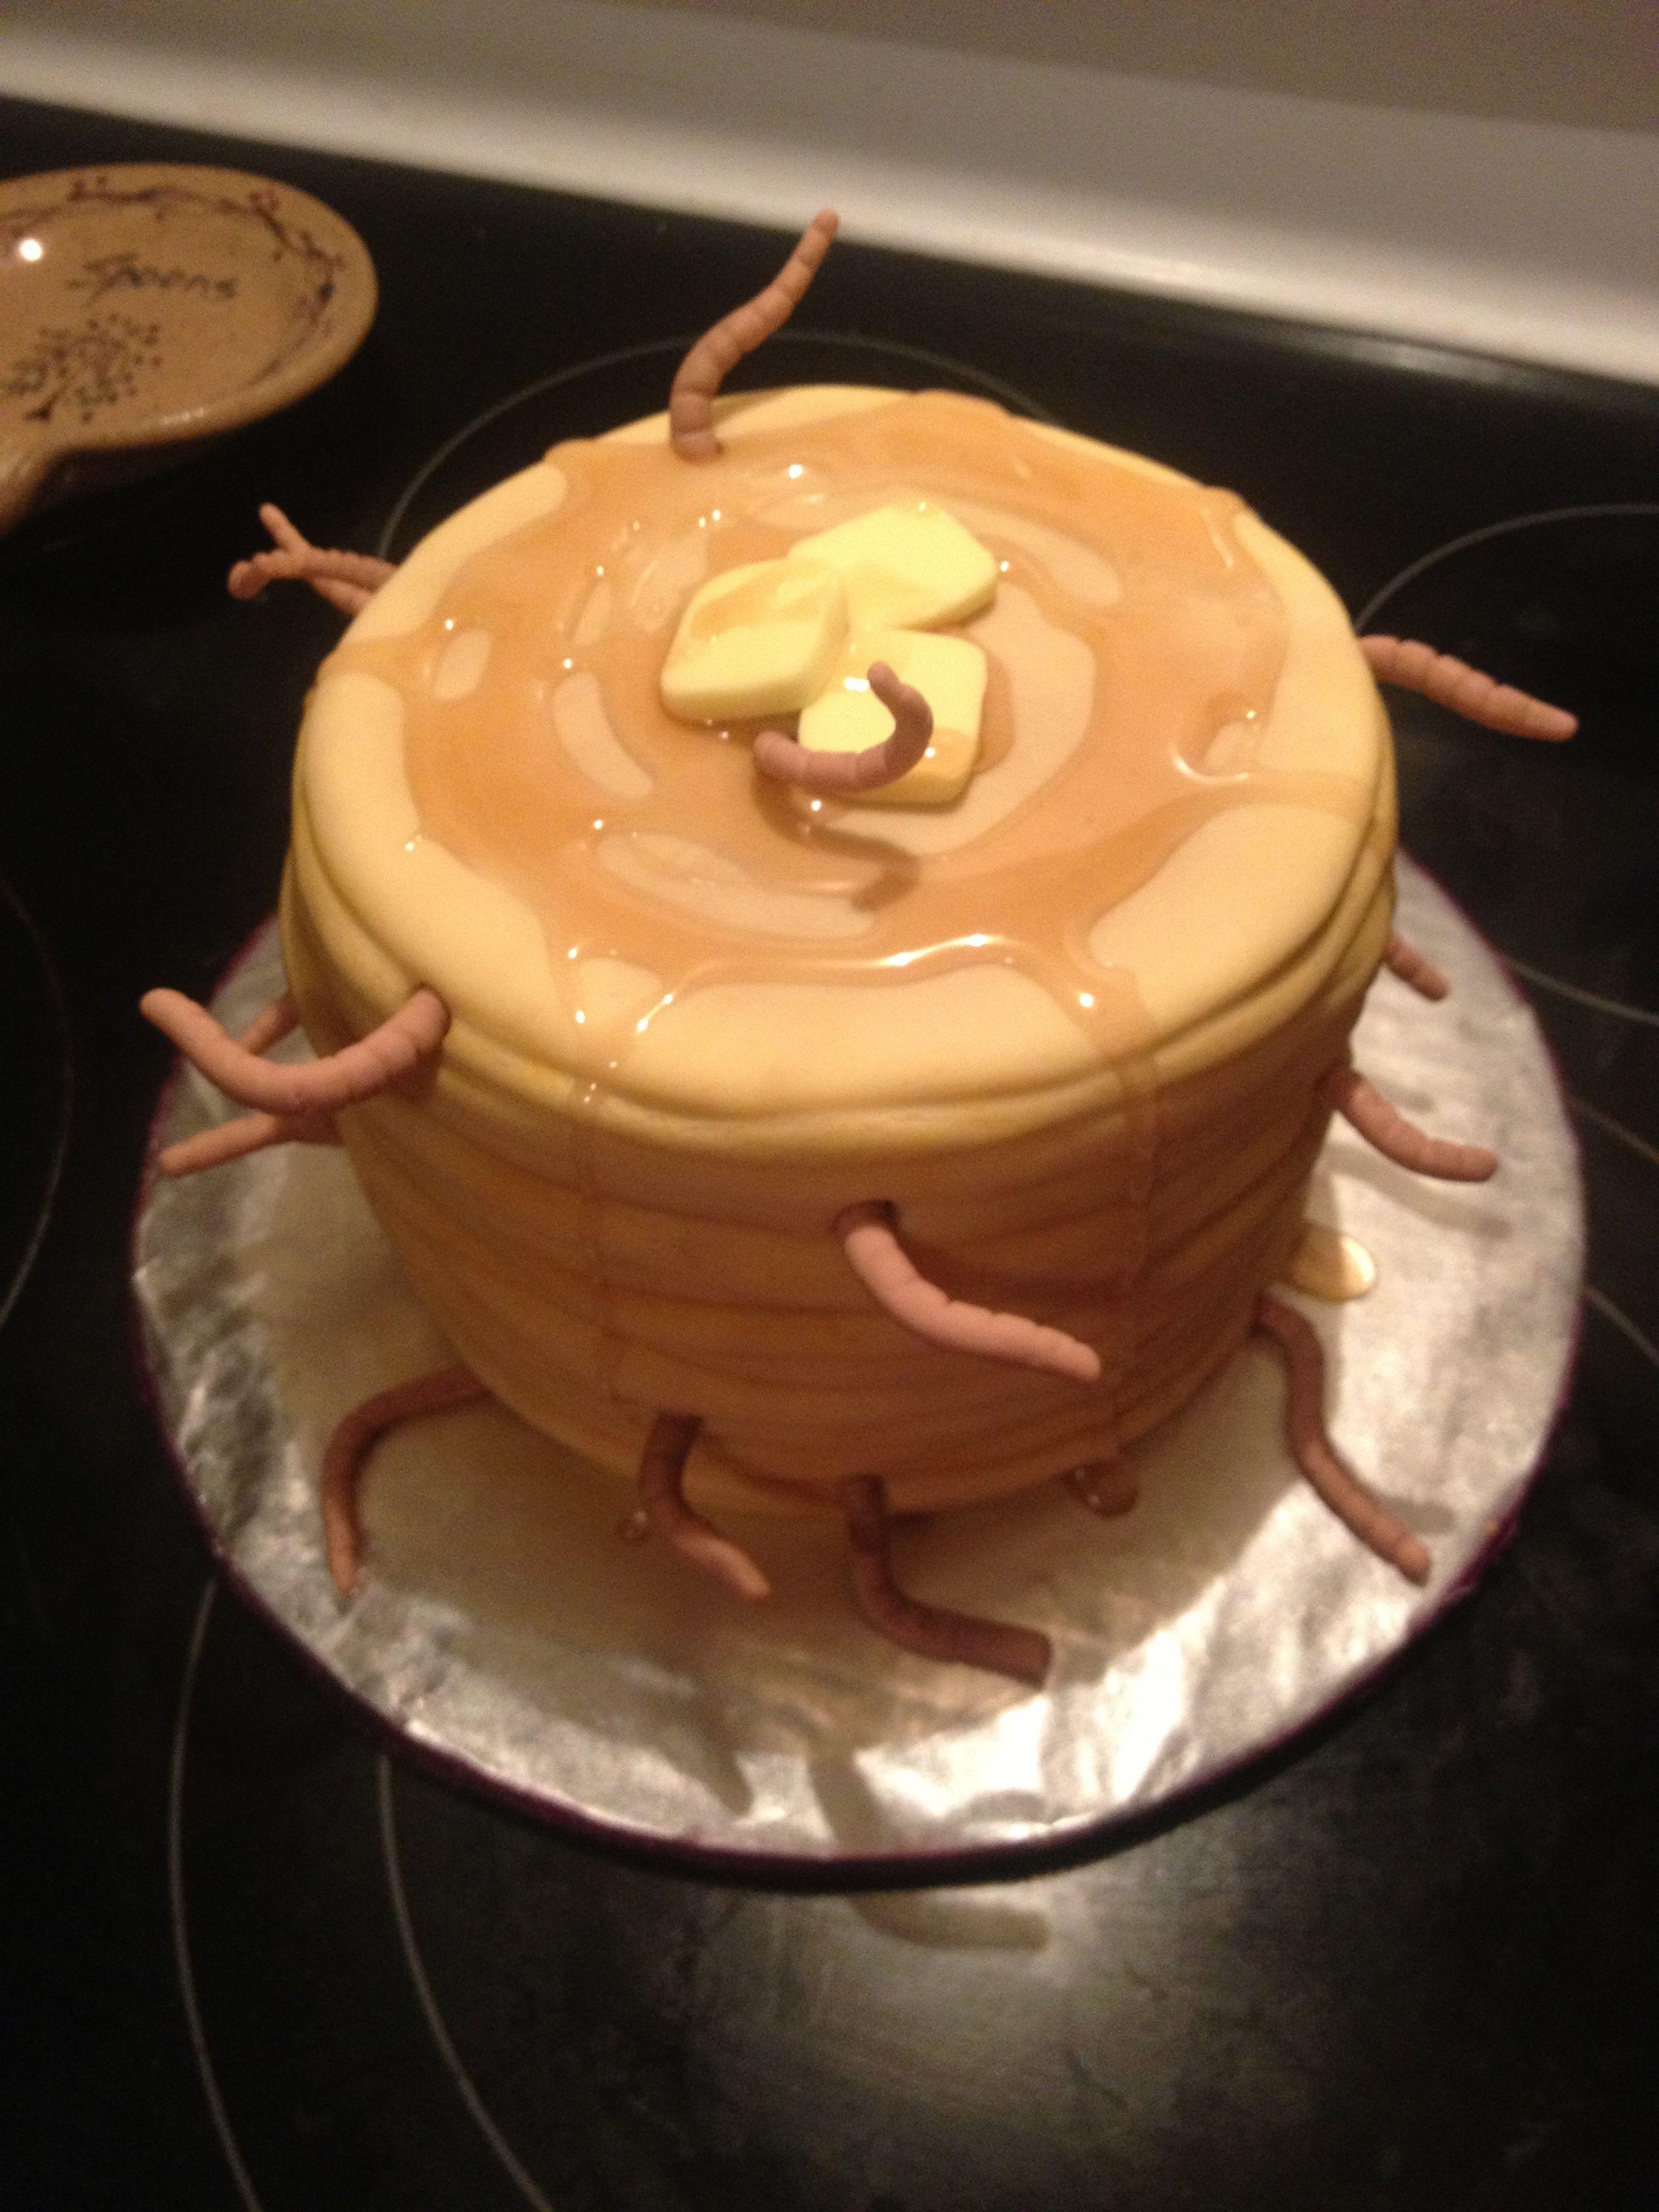 Hotel Transylvania Mavis' 118th Birthday Pancake Cake